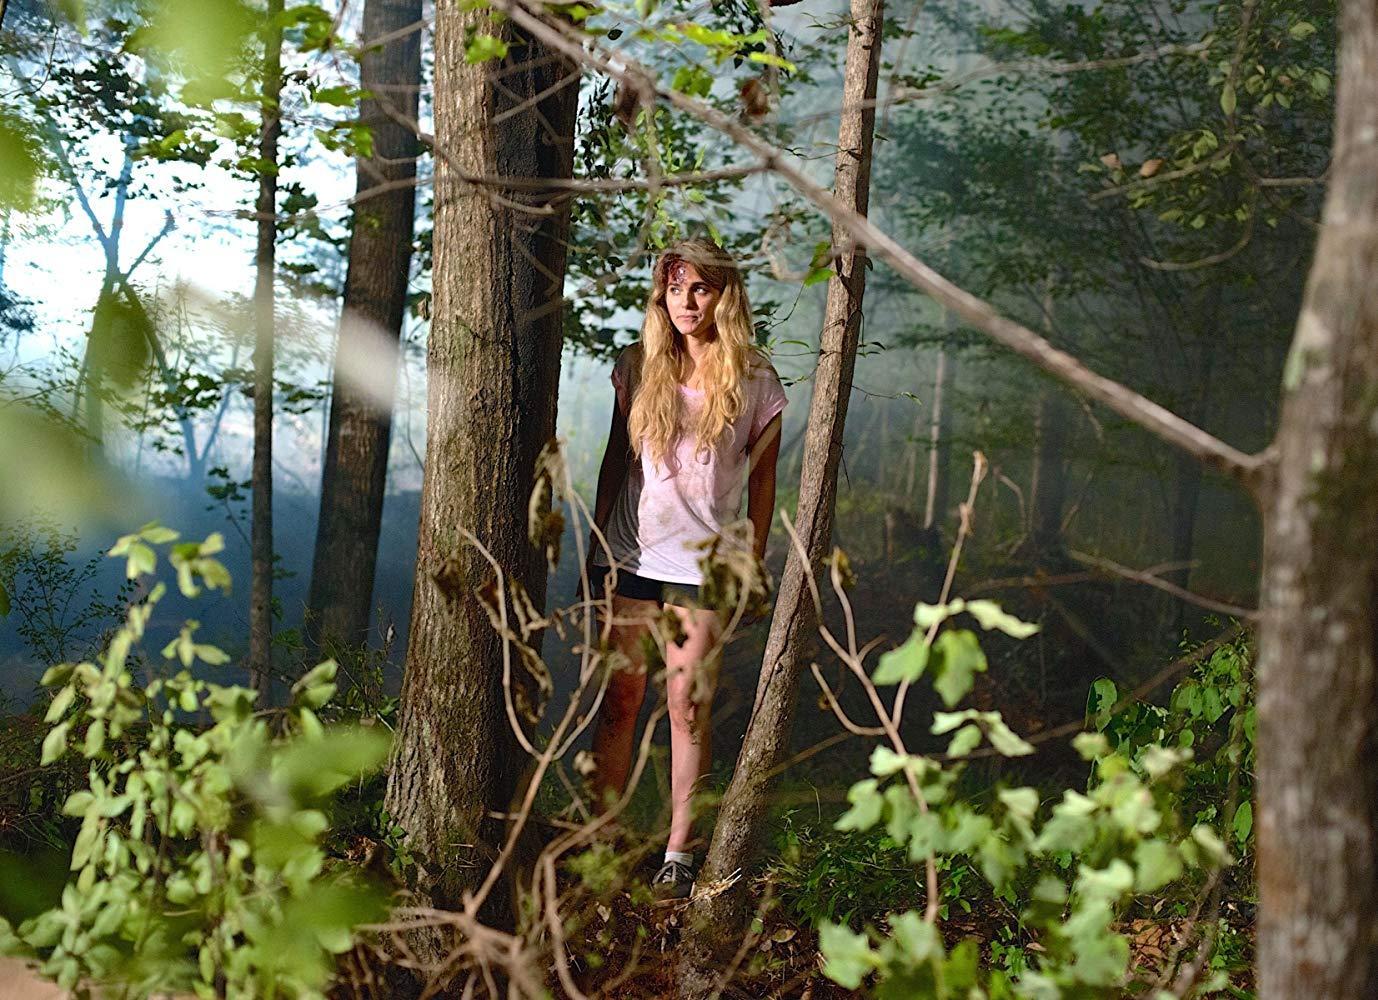 مشاهدة فيلم Lycan 2011 HD مترجم كامل اون لاين